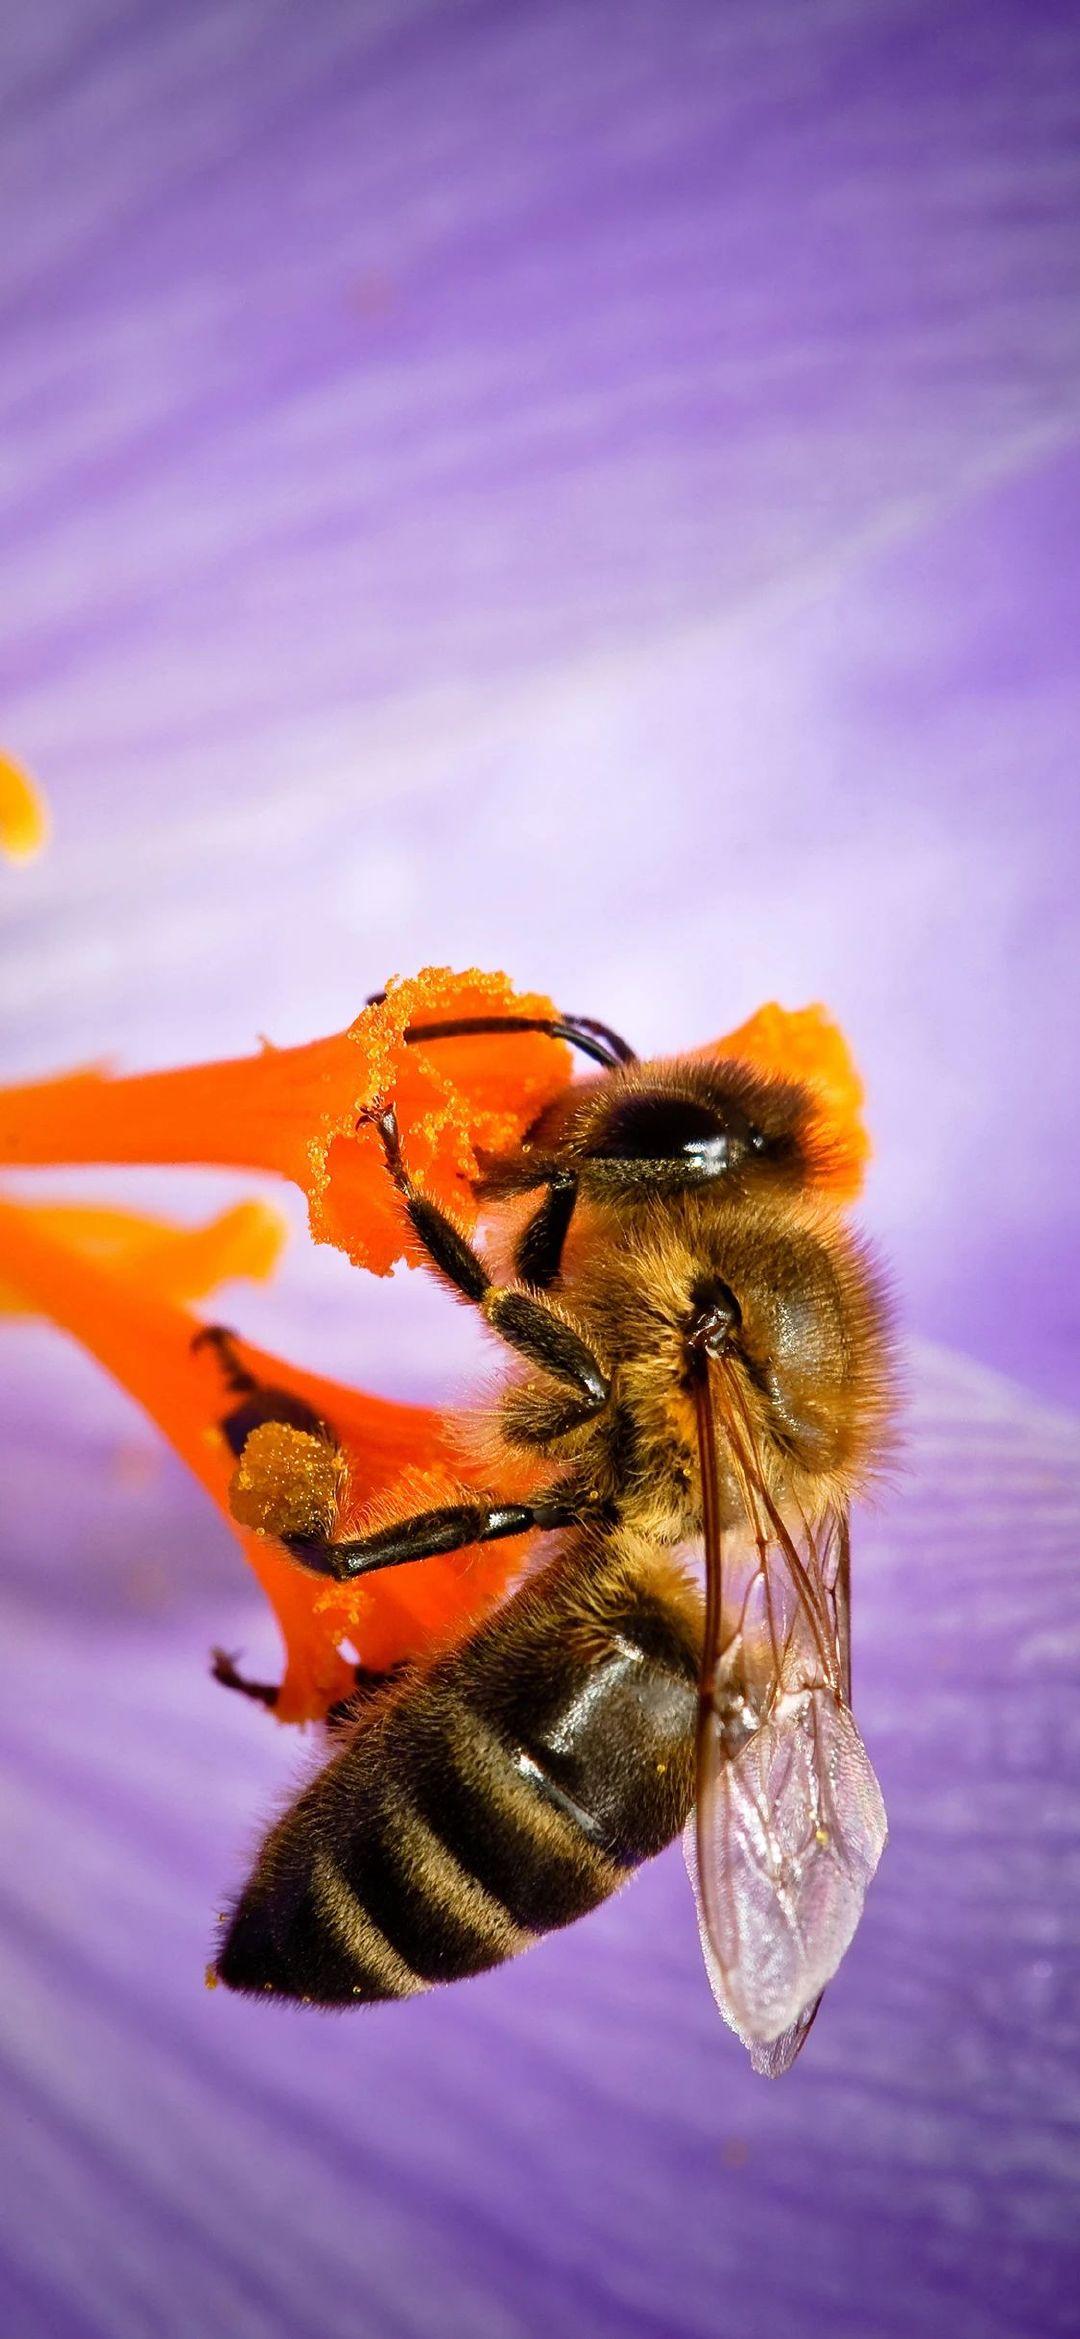 手机壁纸:蜜蜂、瓢虫、花插图7